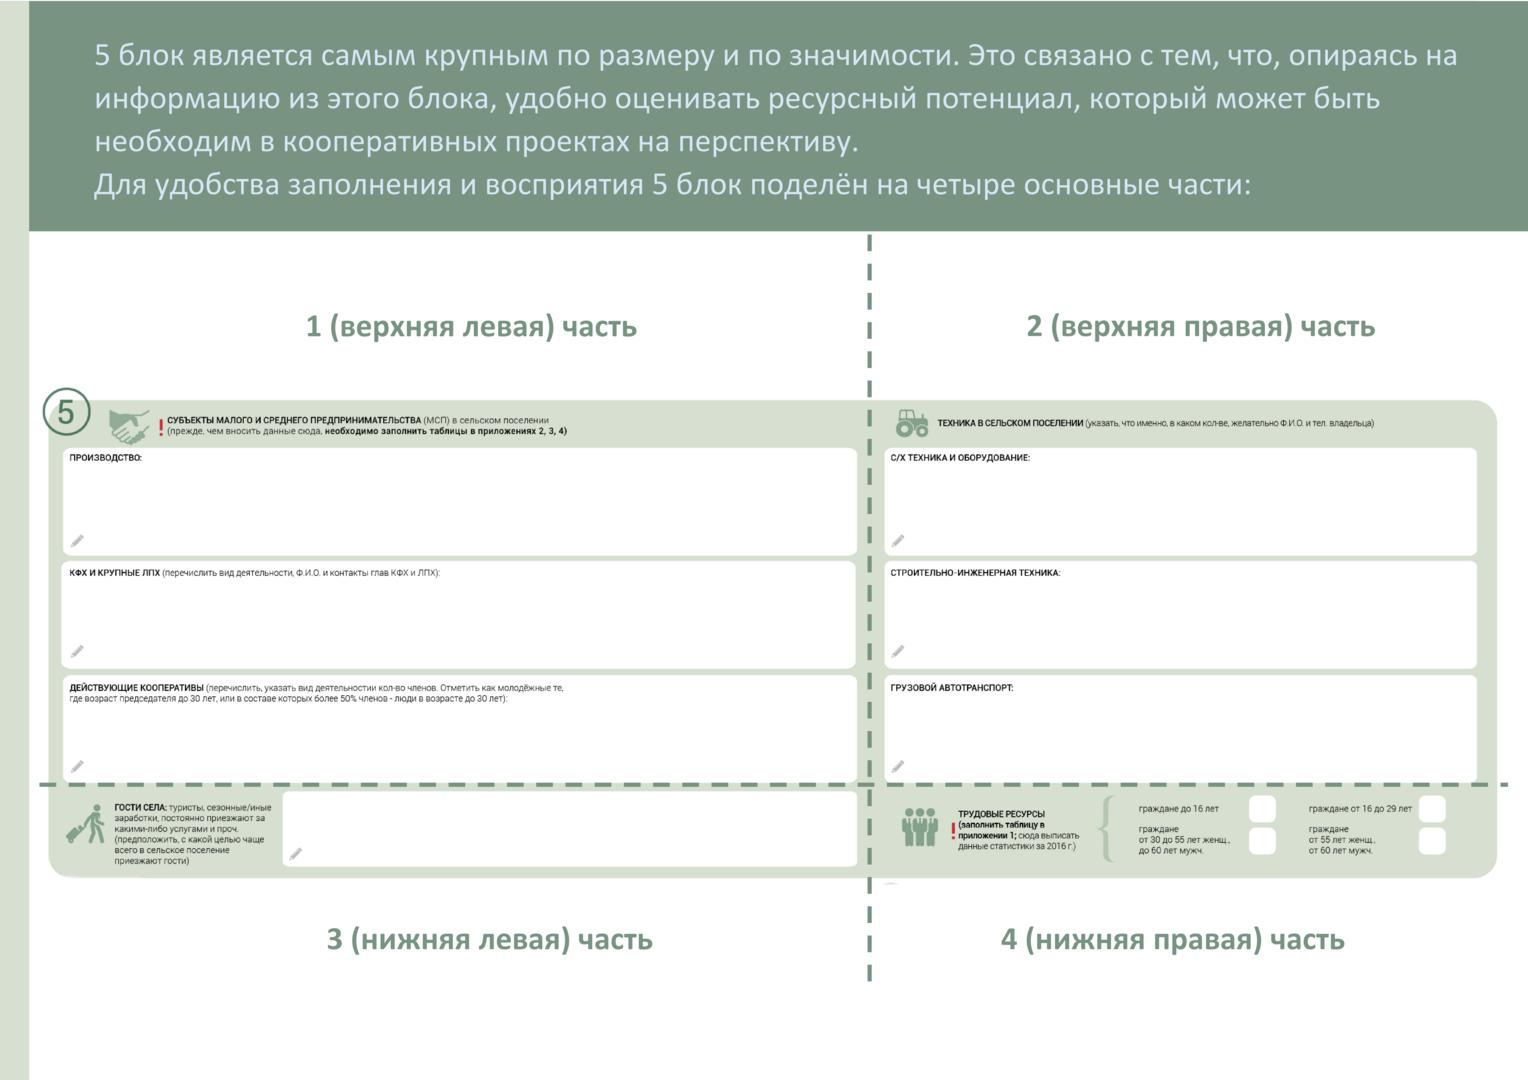 instruktsia_gotov_010